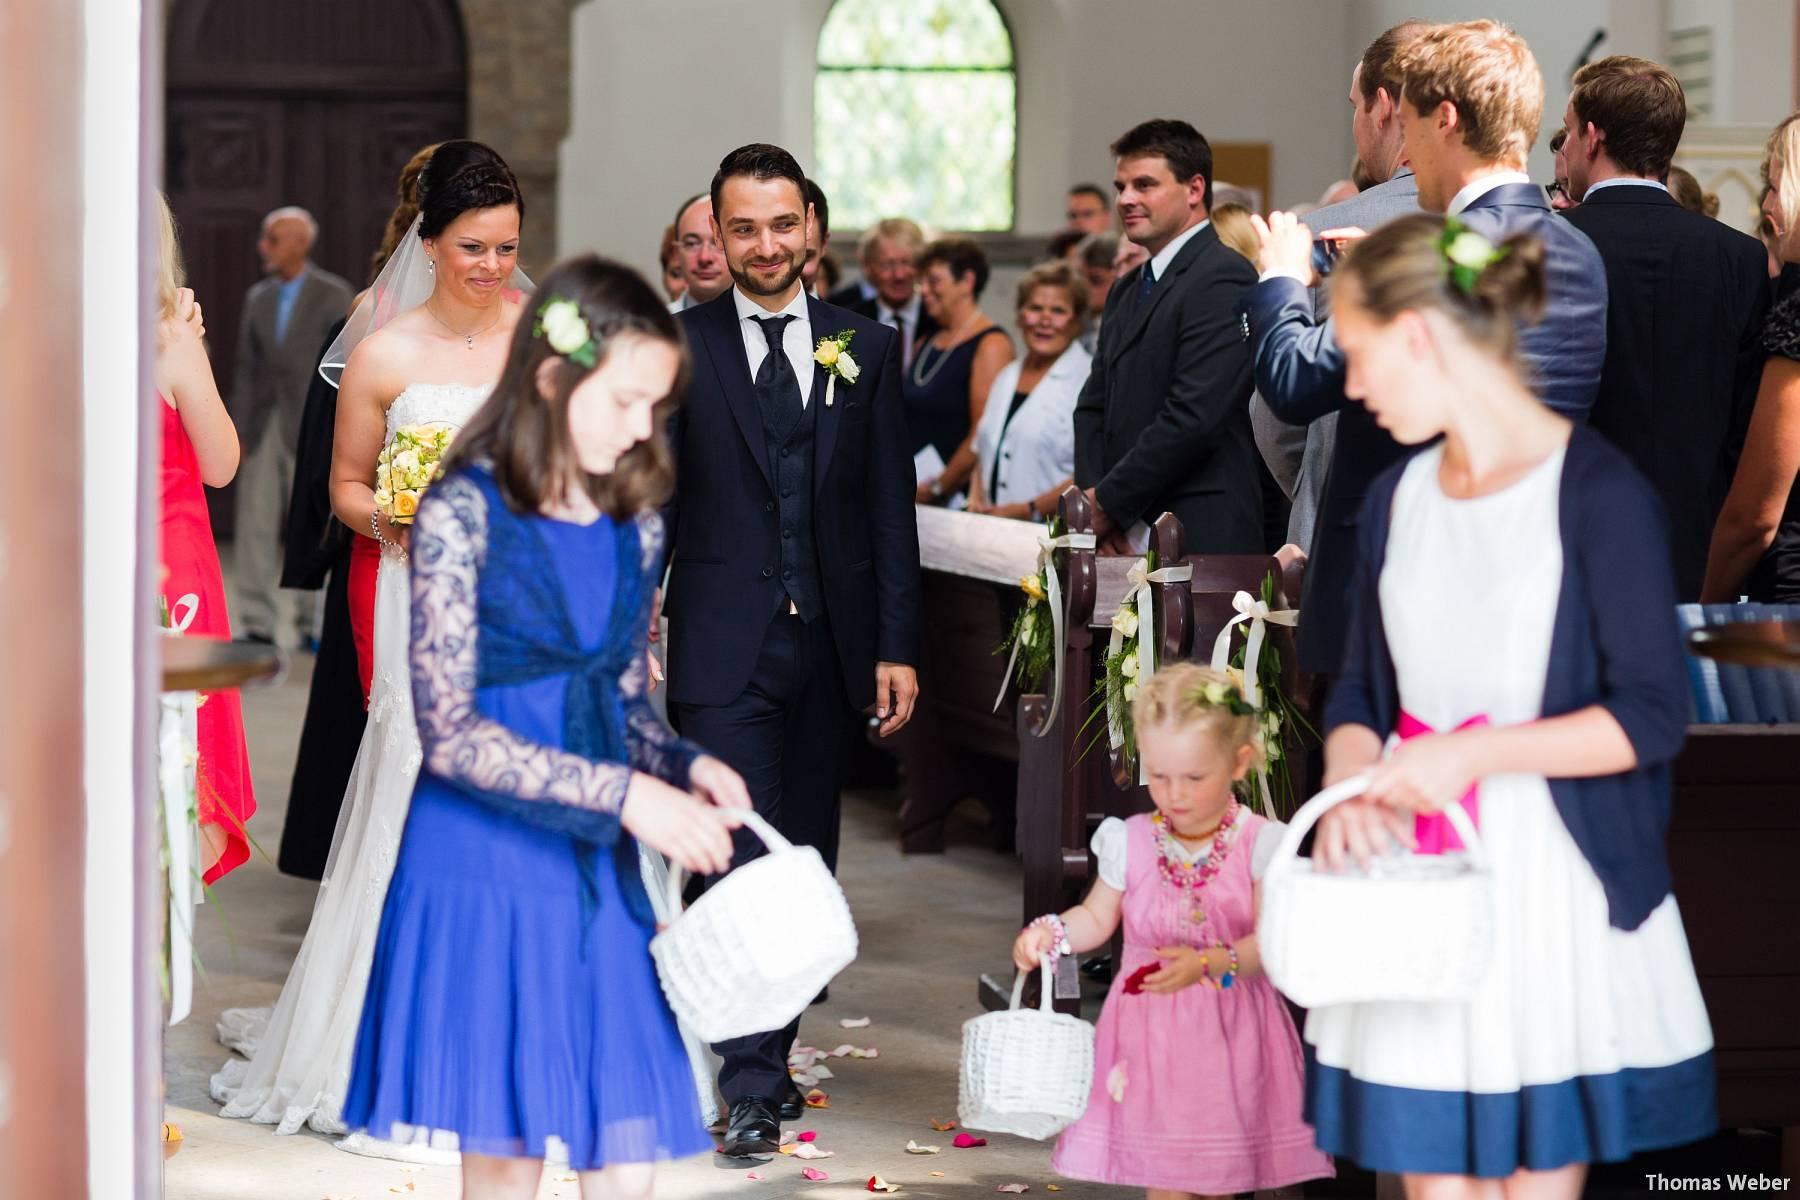 Hochzeitsfotograf Oldenburg: Kirchliche Trauung in der Garnisonkirche Oldenburg und Feier im Landhaus Etzhorn Oldenburg (22)